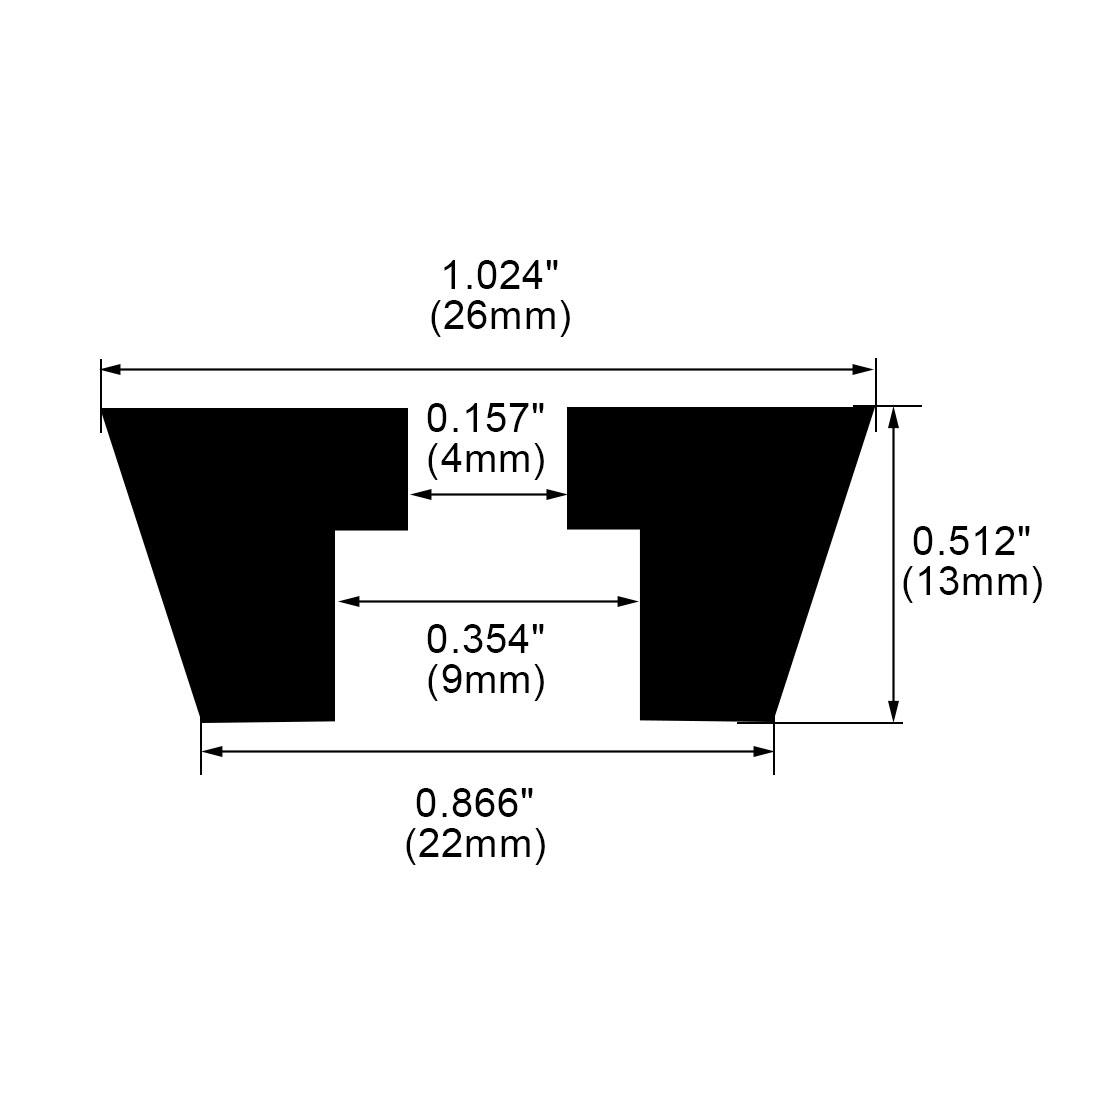 9pcs Rubber Feet Bumper Pads Amplifier Audio Instrument Printer, D26x22xH13mm - image 3 de 7